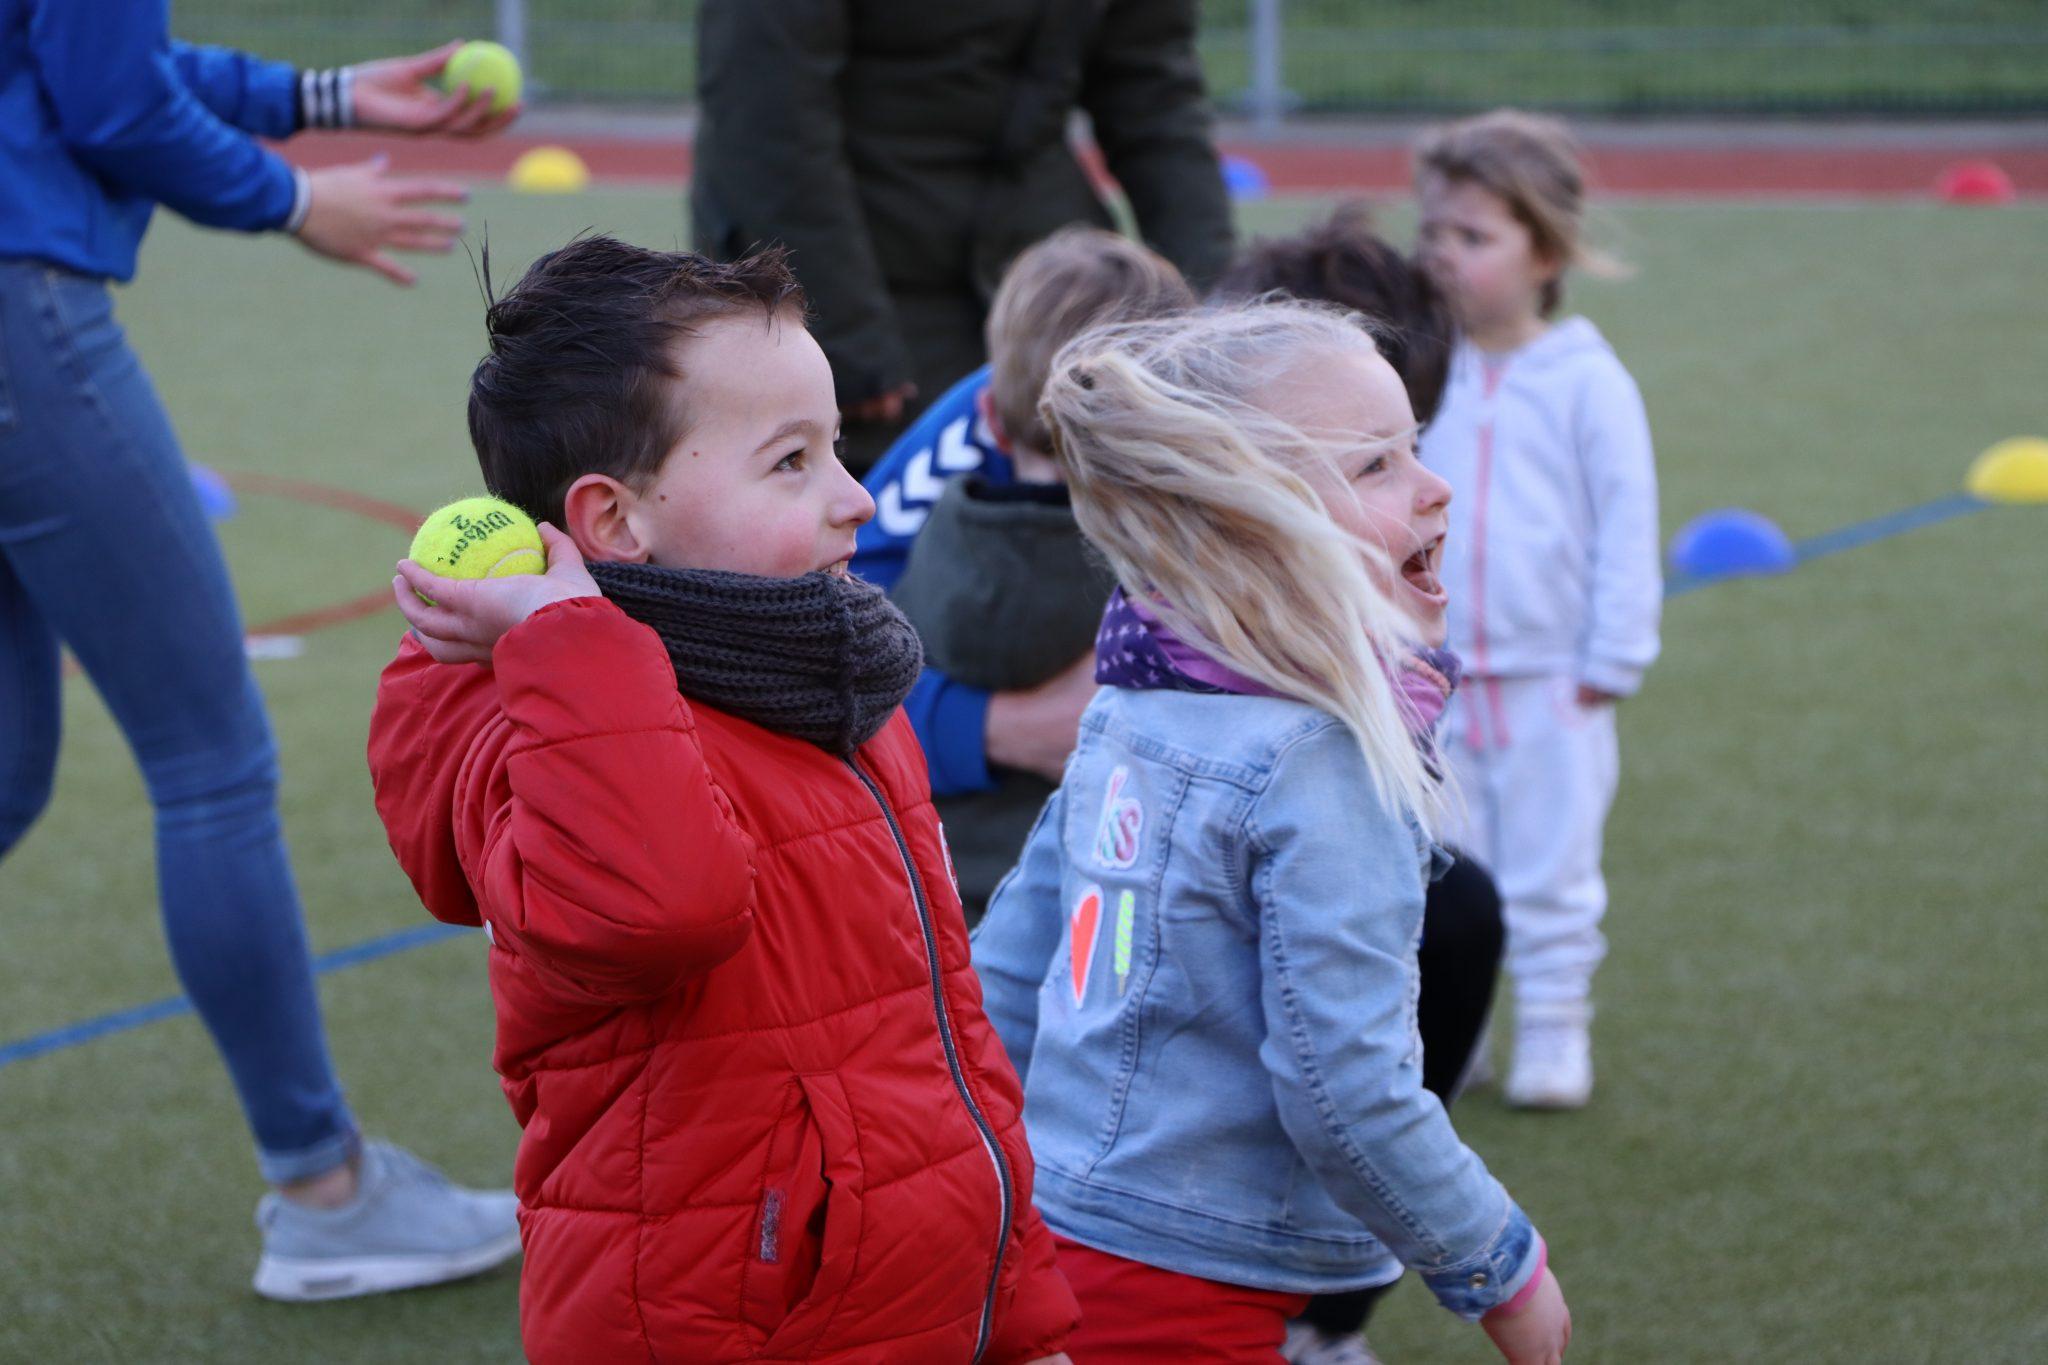 Rheko start Kidsclub